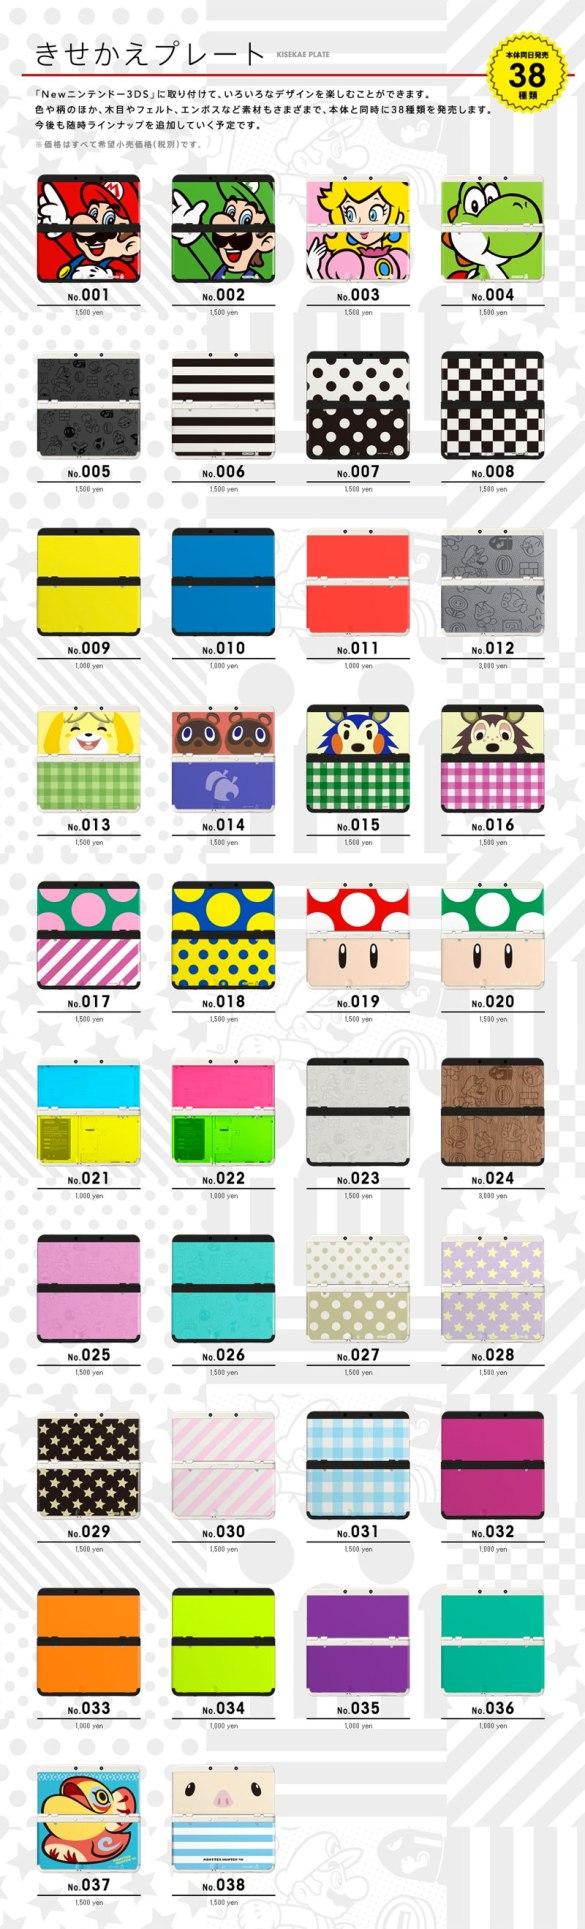 Carcasas Nintendo 3DS